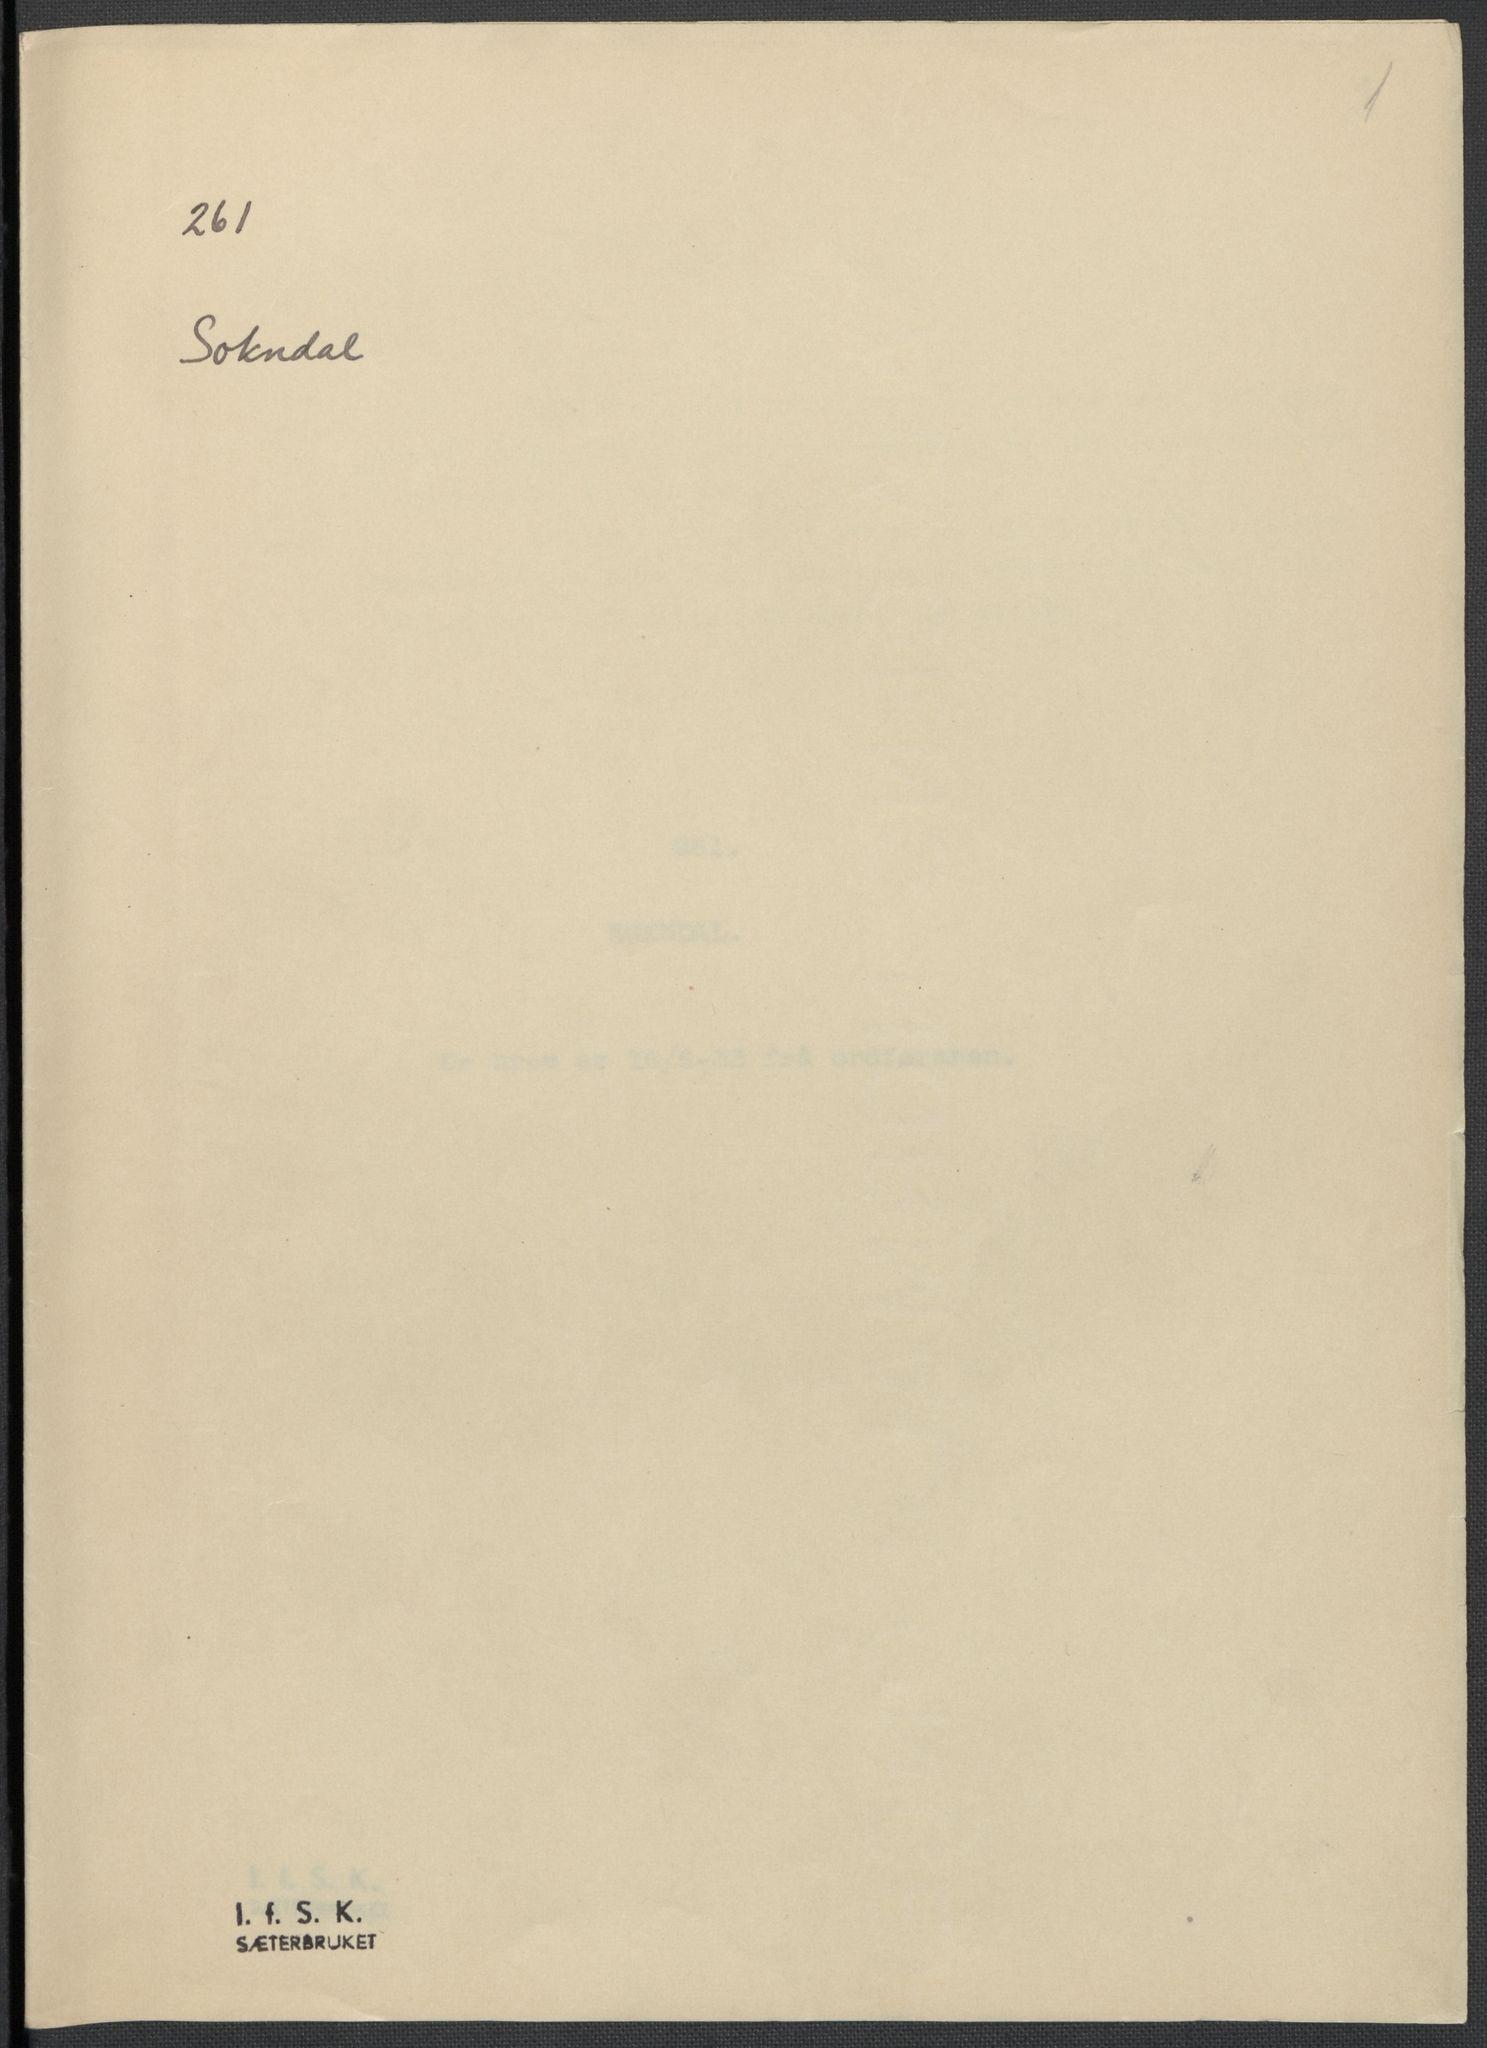 RA, Instituttet for sammenlignende kulturforskning, F/Fc/L0009: Eske B9:, 1932-1935, s. 1